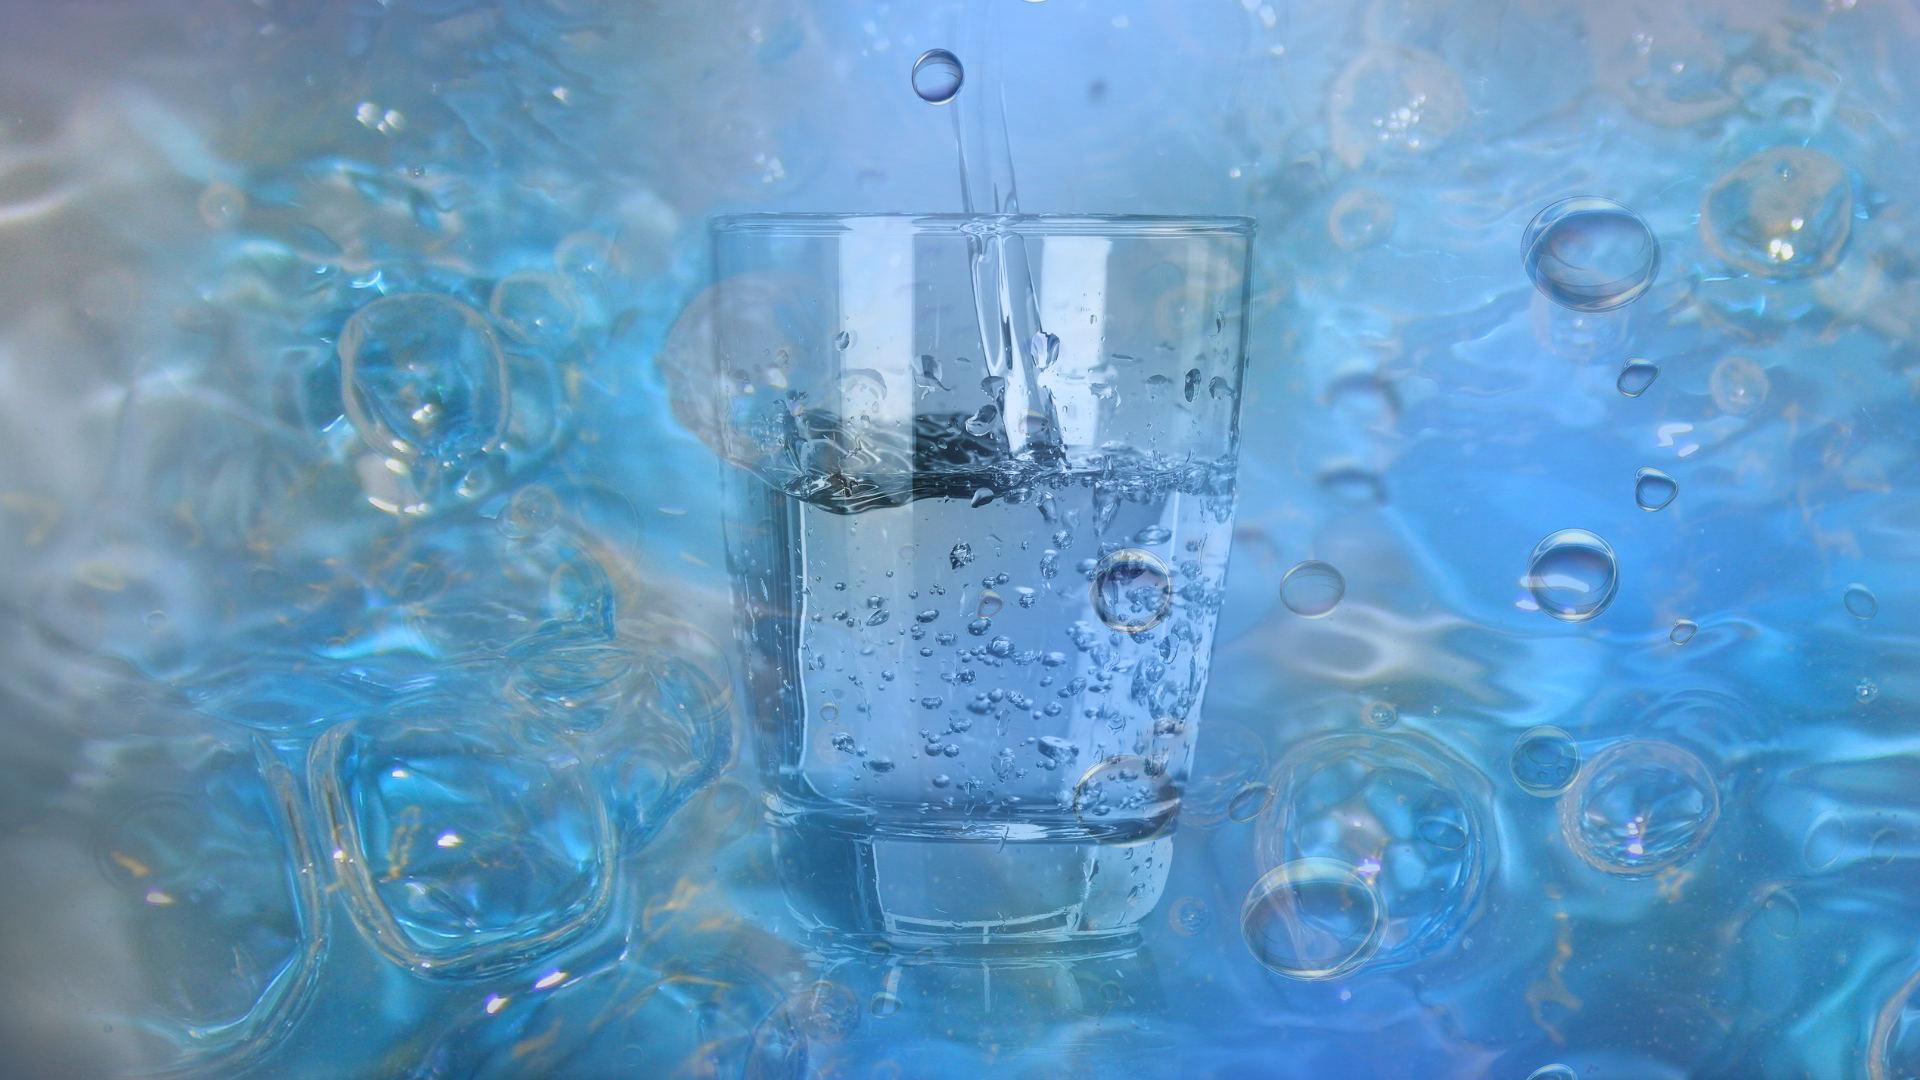 стакан воды в океане. существуют ли ангелы и демоны?